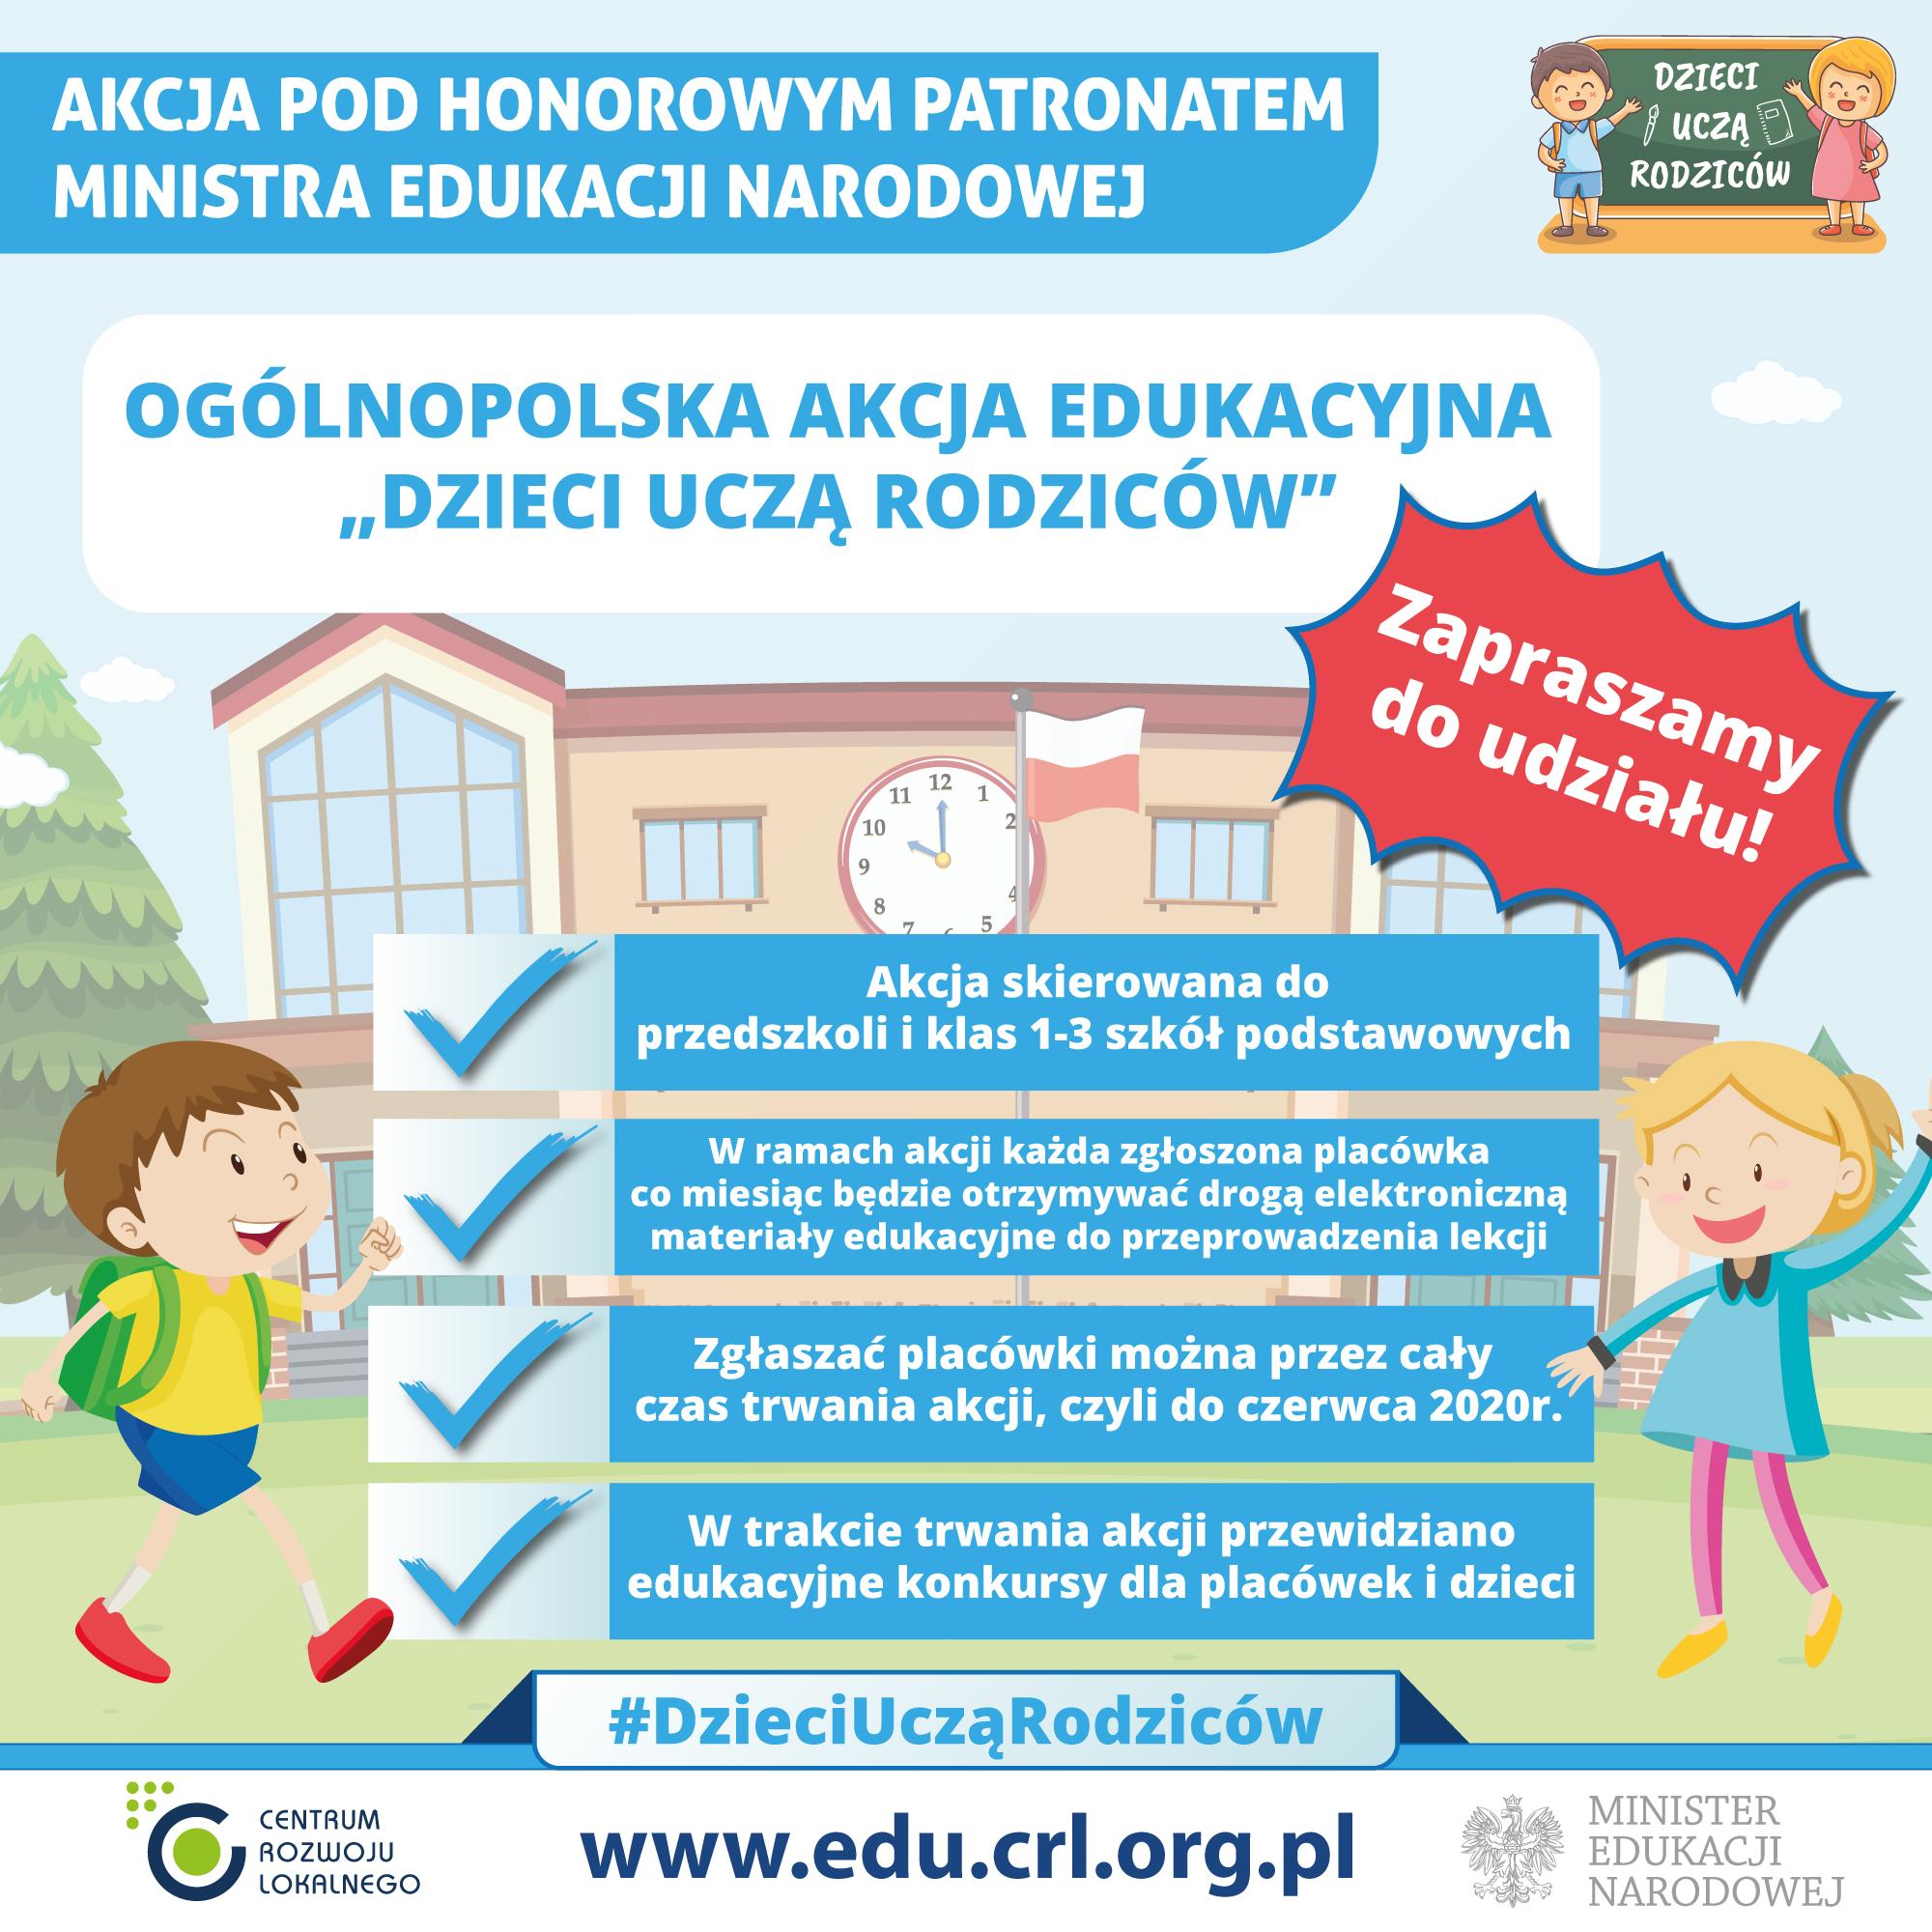 """Centrum Rozwoju Lokalnego zaprasza do udziału w akcji edukacyjnej """"Dzieci uczą rodziców"""" - zdjęcie główne"""